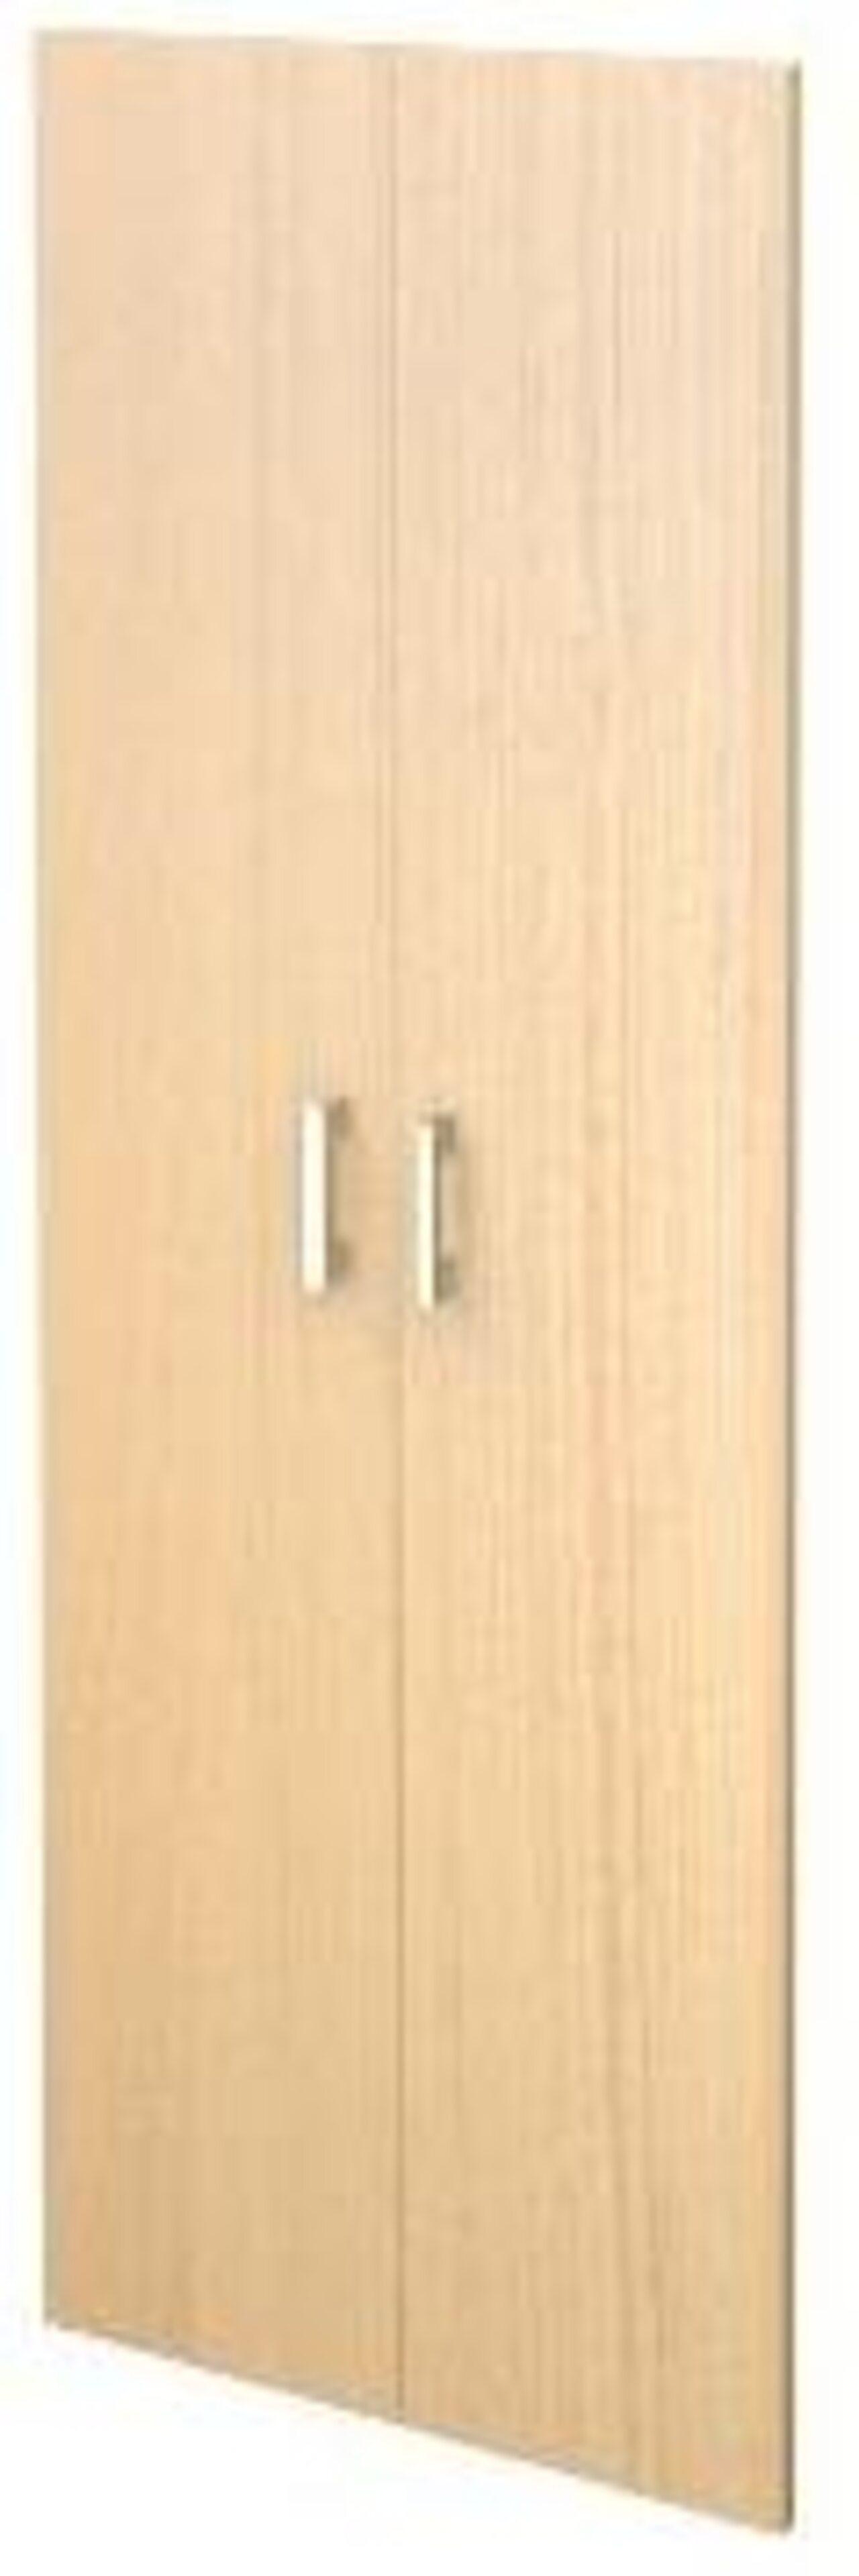 Двери для широких стеллажей  Арго 71x2x115 - фото 7